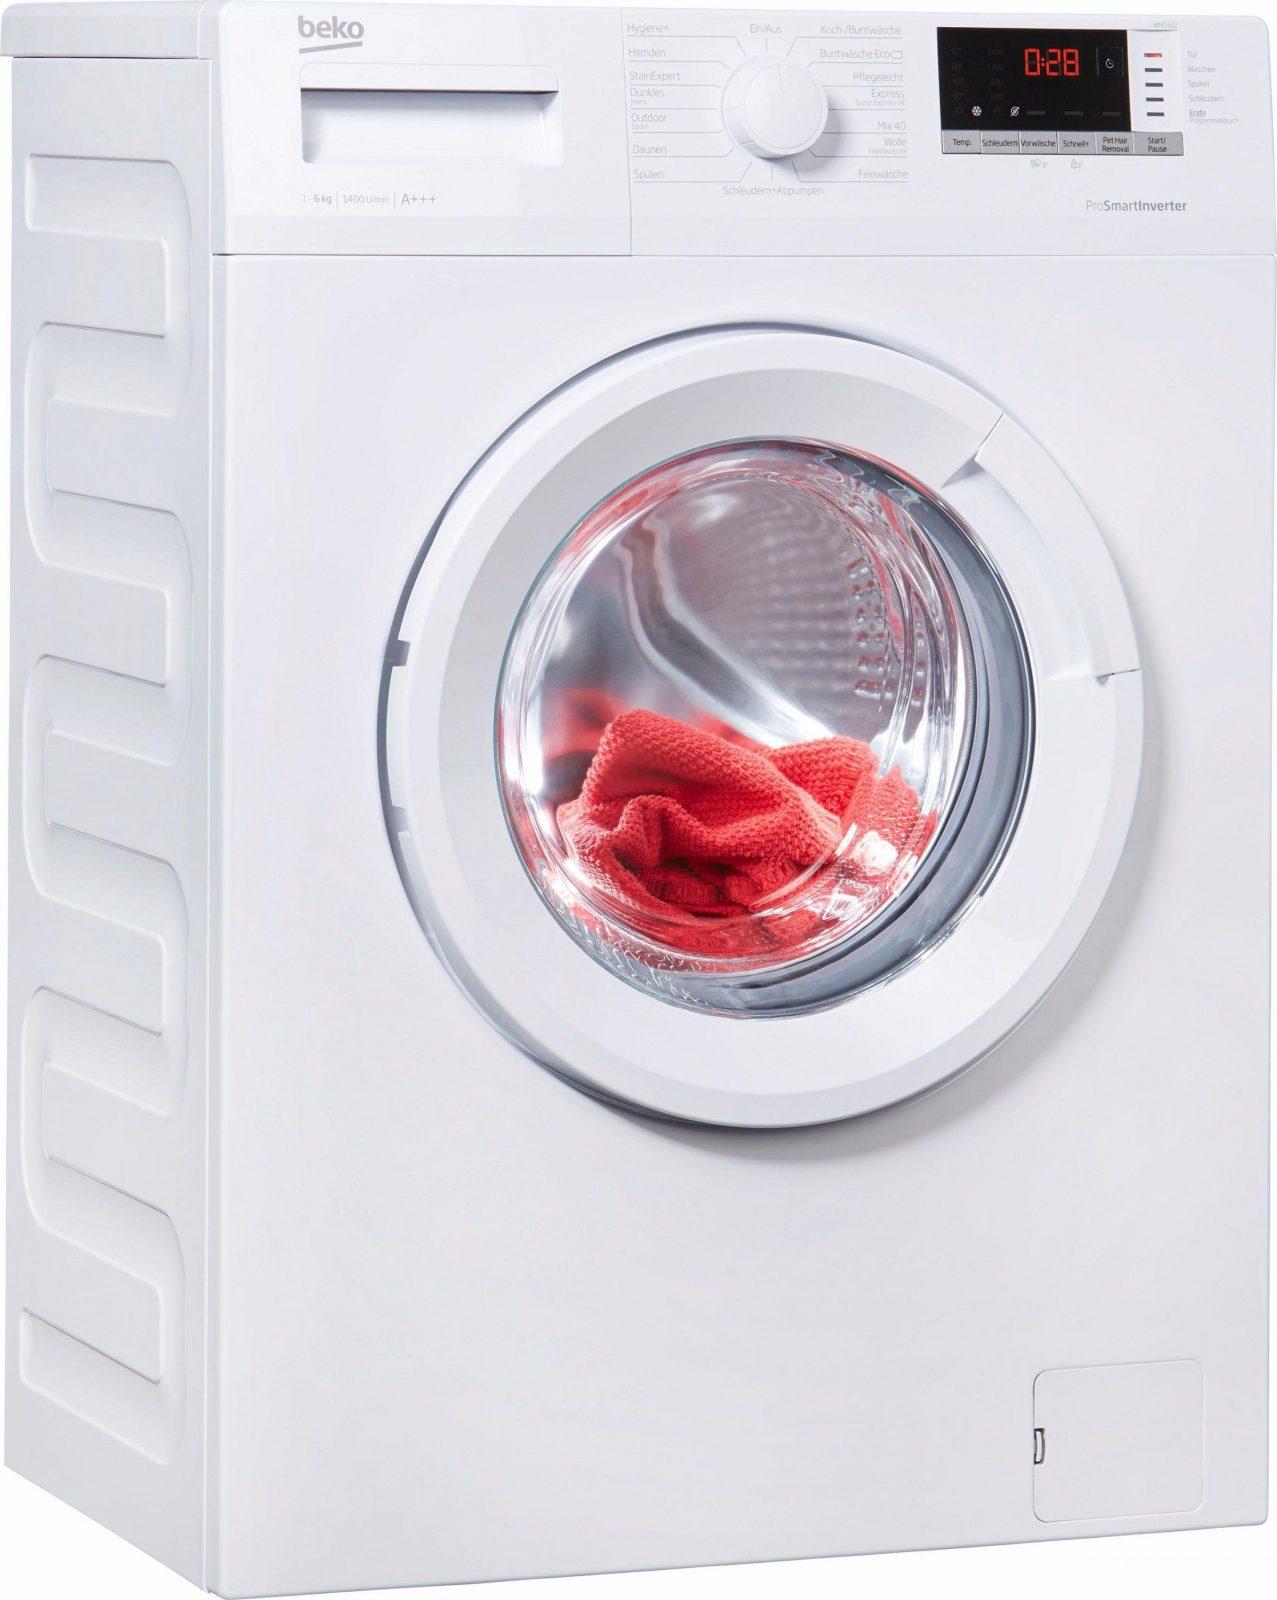 Beko Wmo622 Waschmaschine Im Test 2018 von Beko Wml 51431 E Test Photo